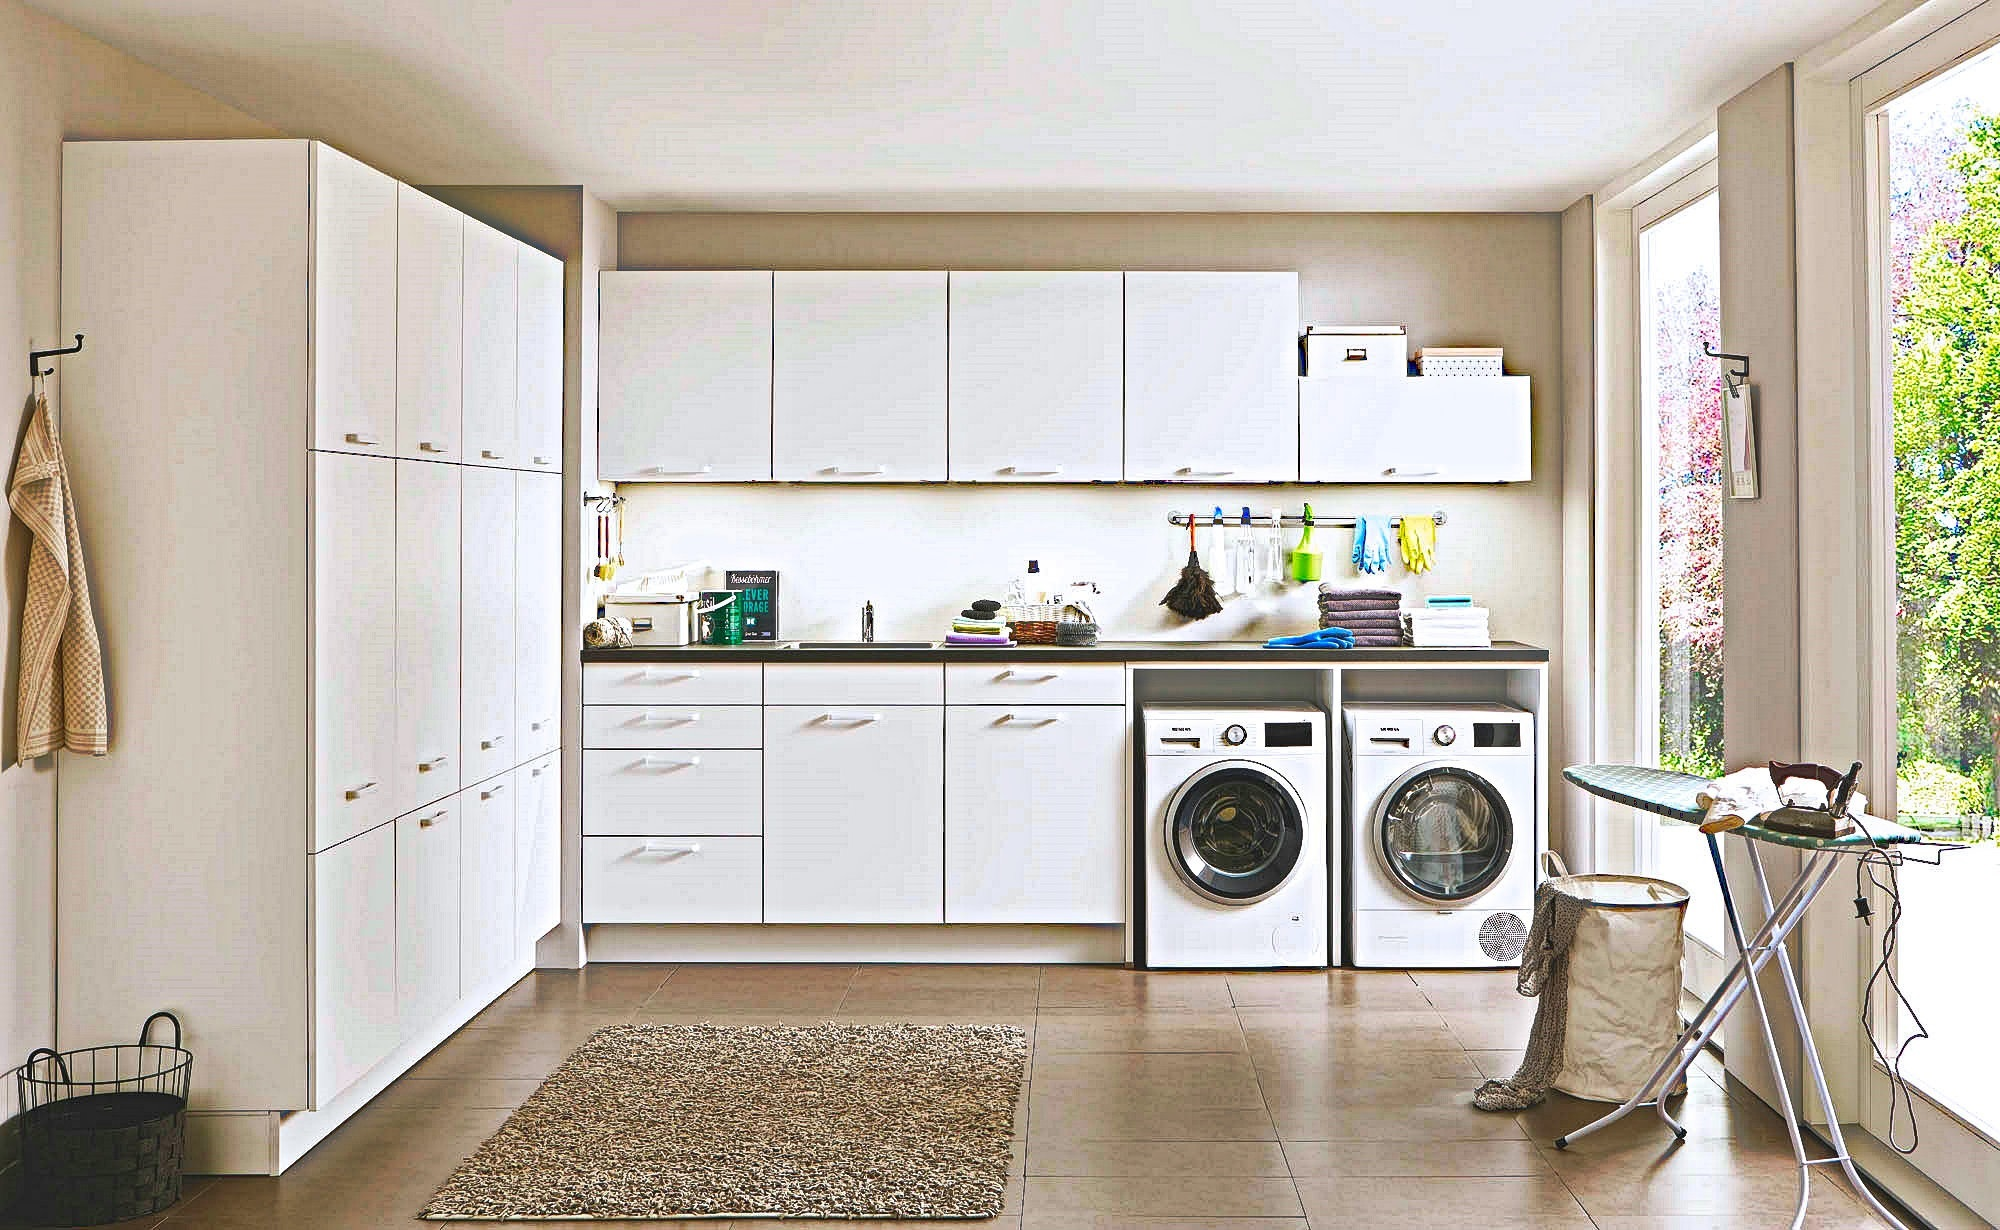 Full Size of Nobilia Hauswirtschaftsraum In Wei Fr Nur 3988 Kchenbrse Einbauküche Küche Wohnzimmer Nobilia Preisliste